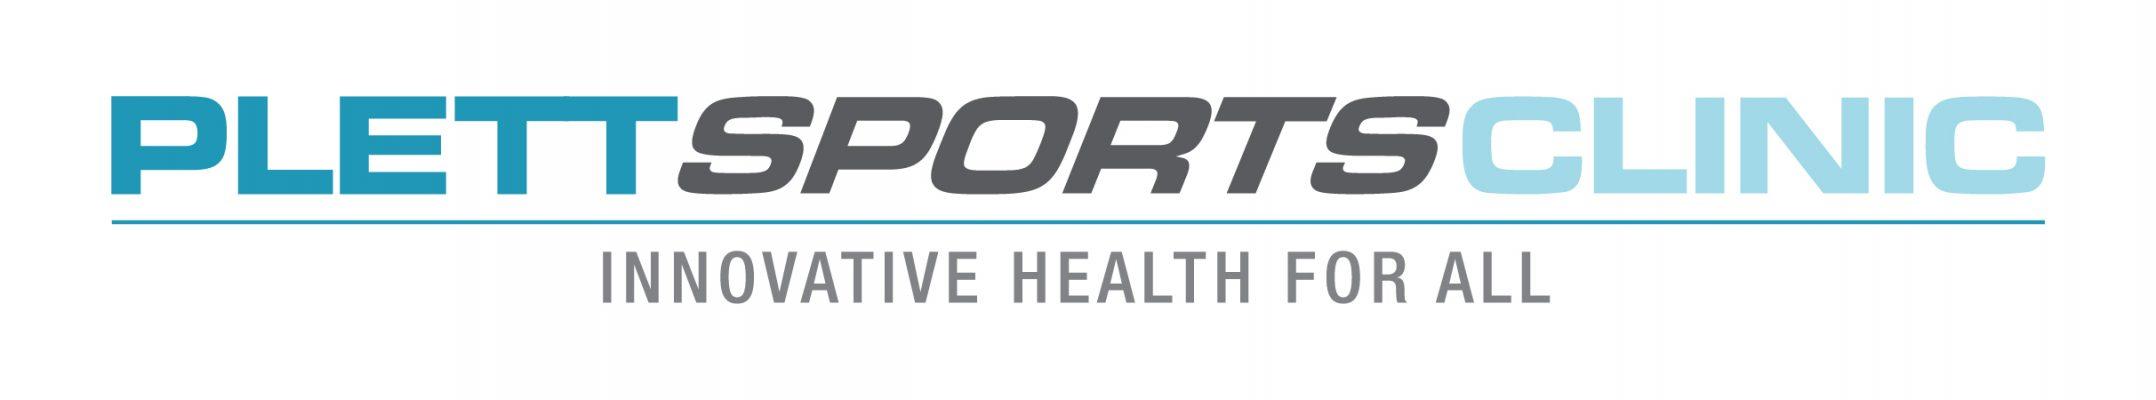 Plett Sports Clinic